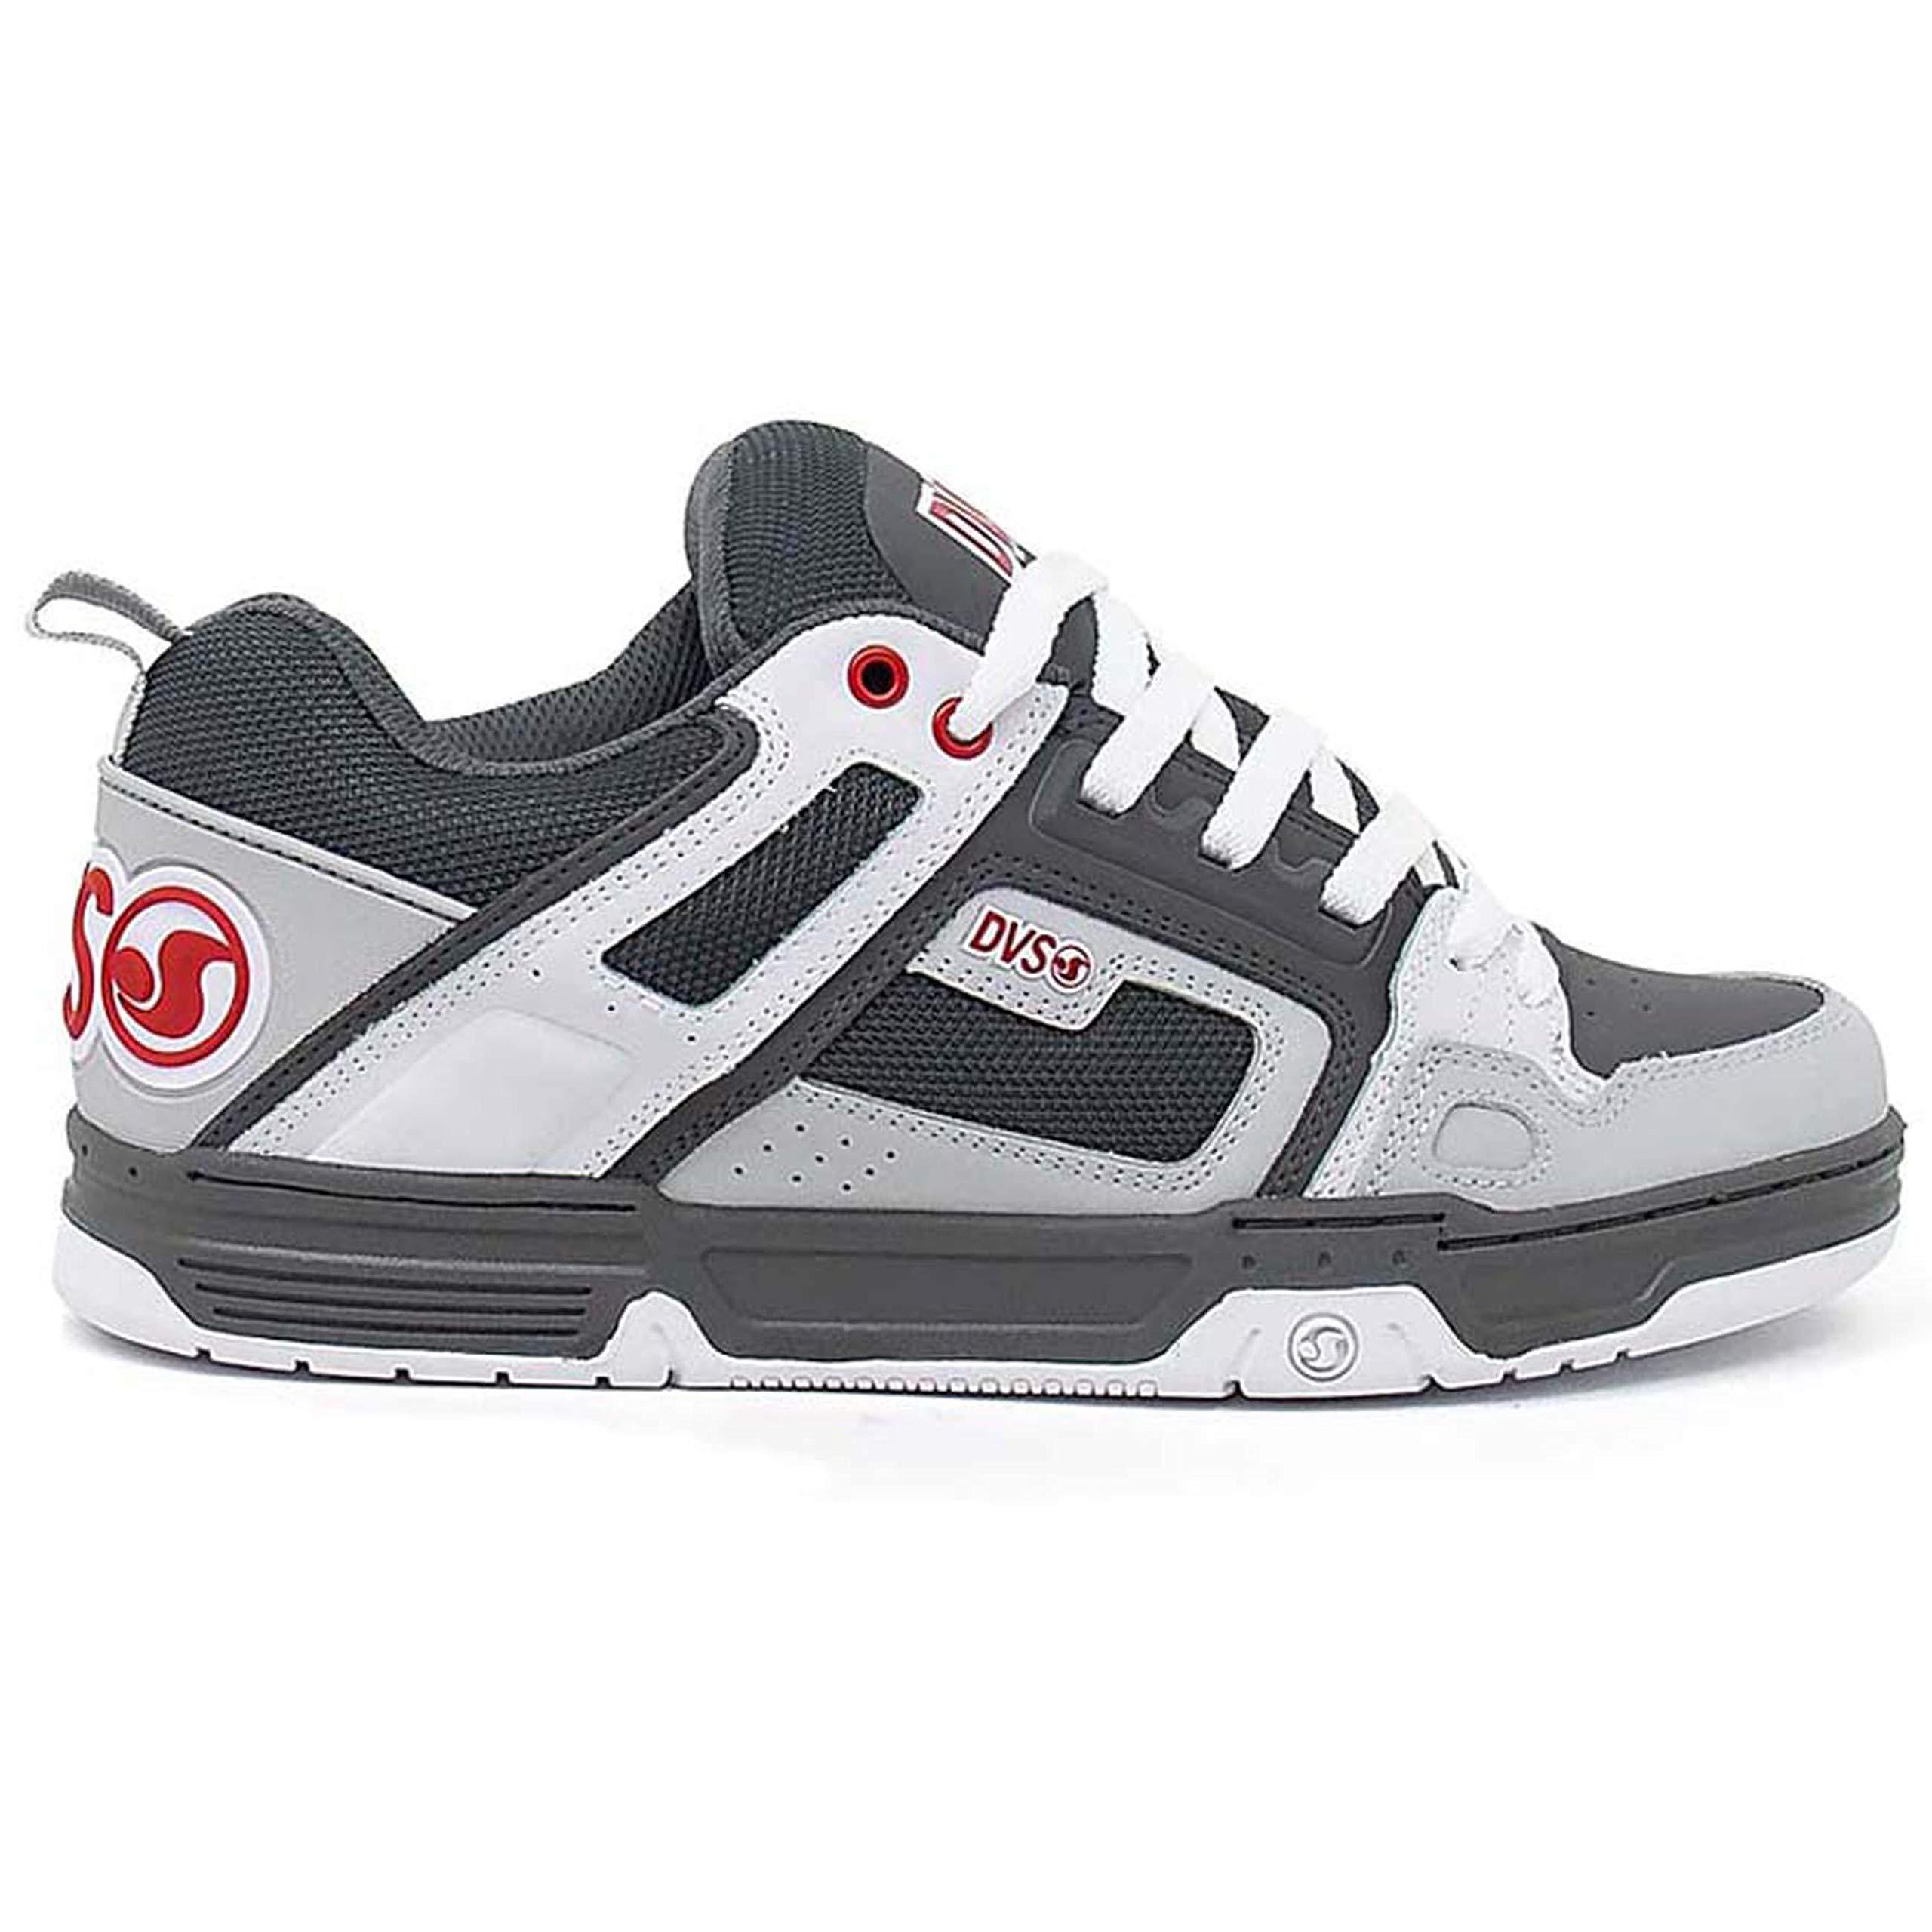 DVS Men's Comanche Skate Shoe- Buy